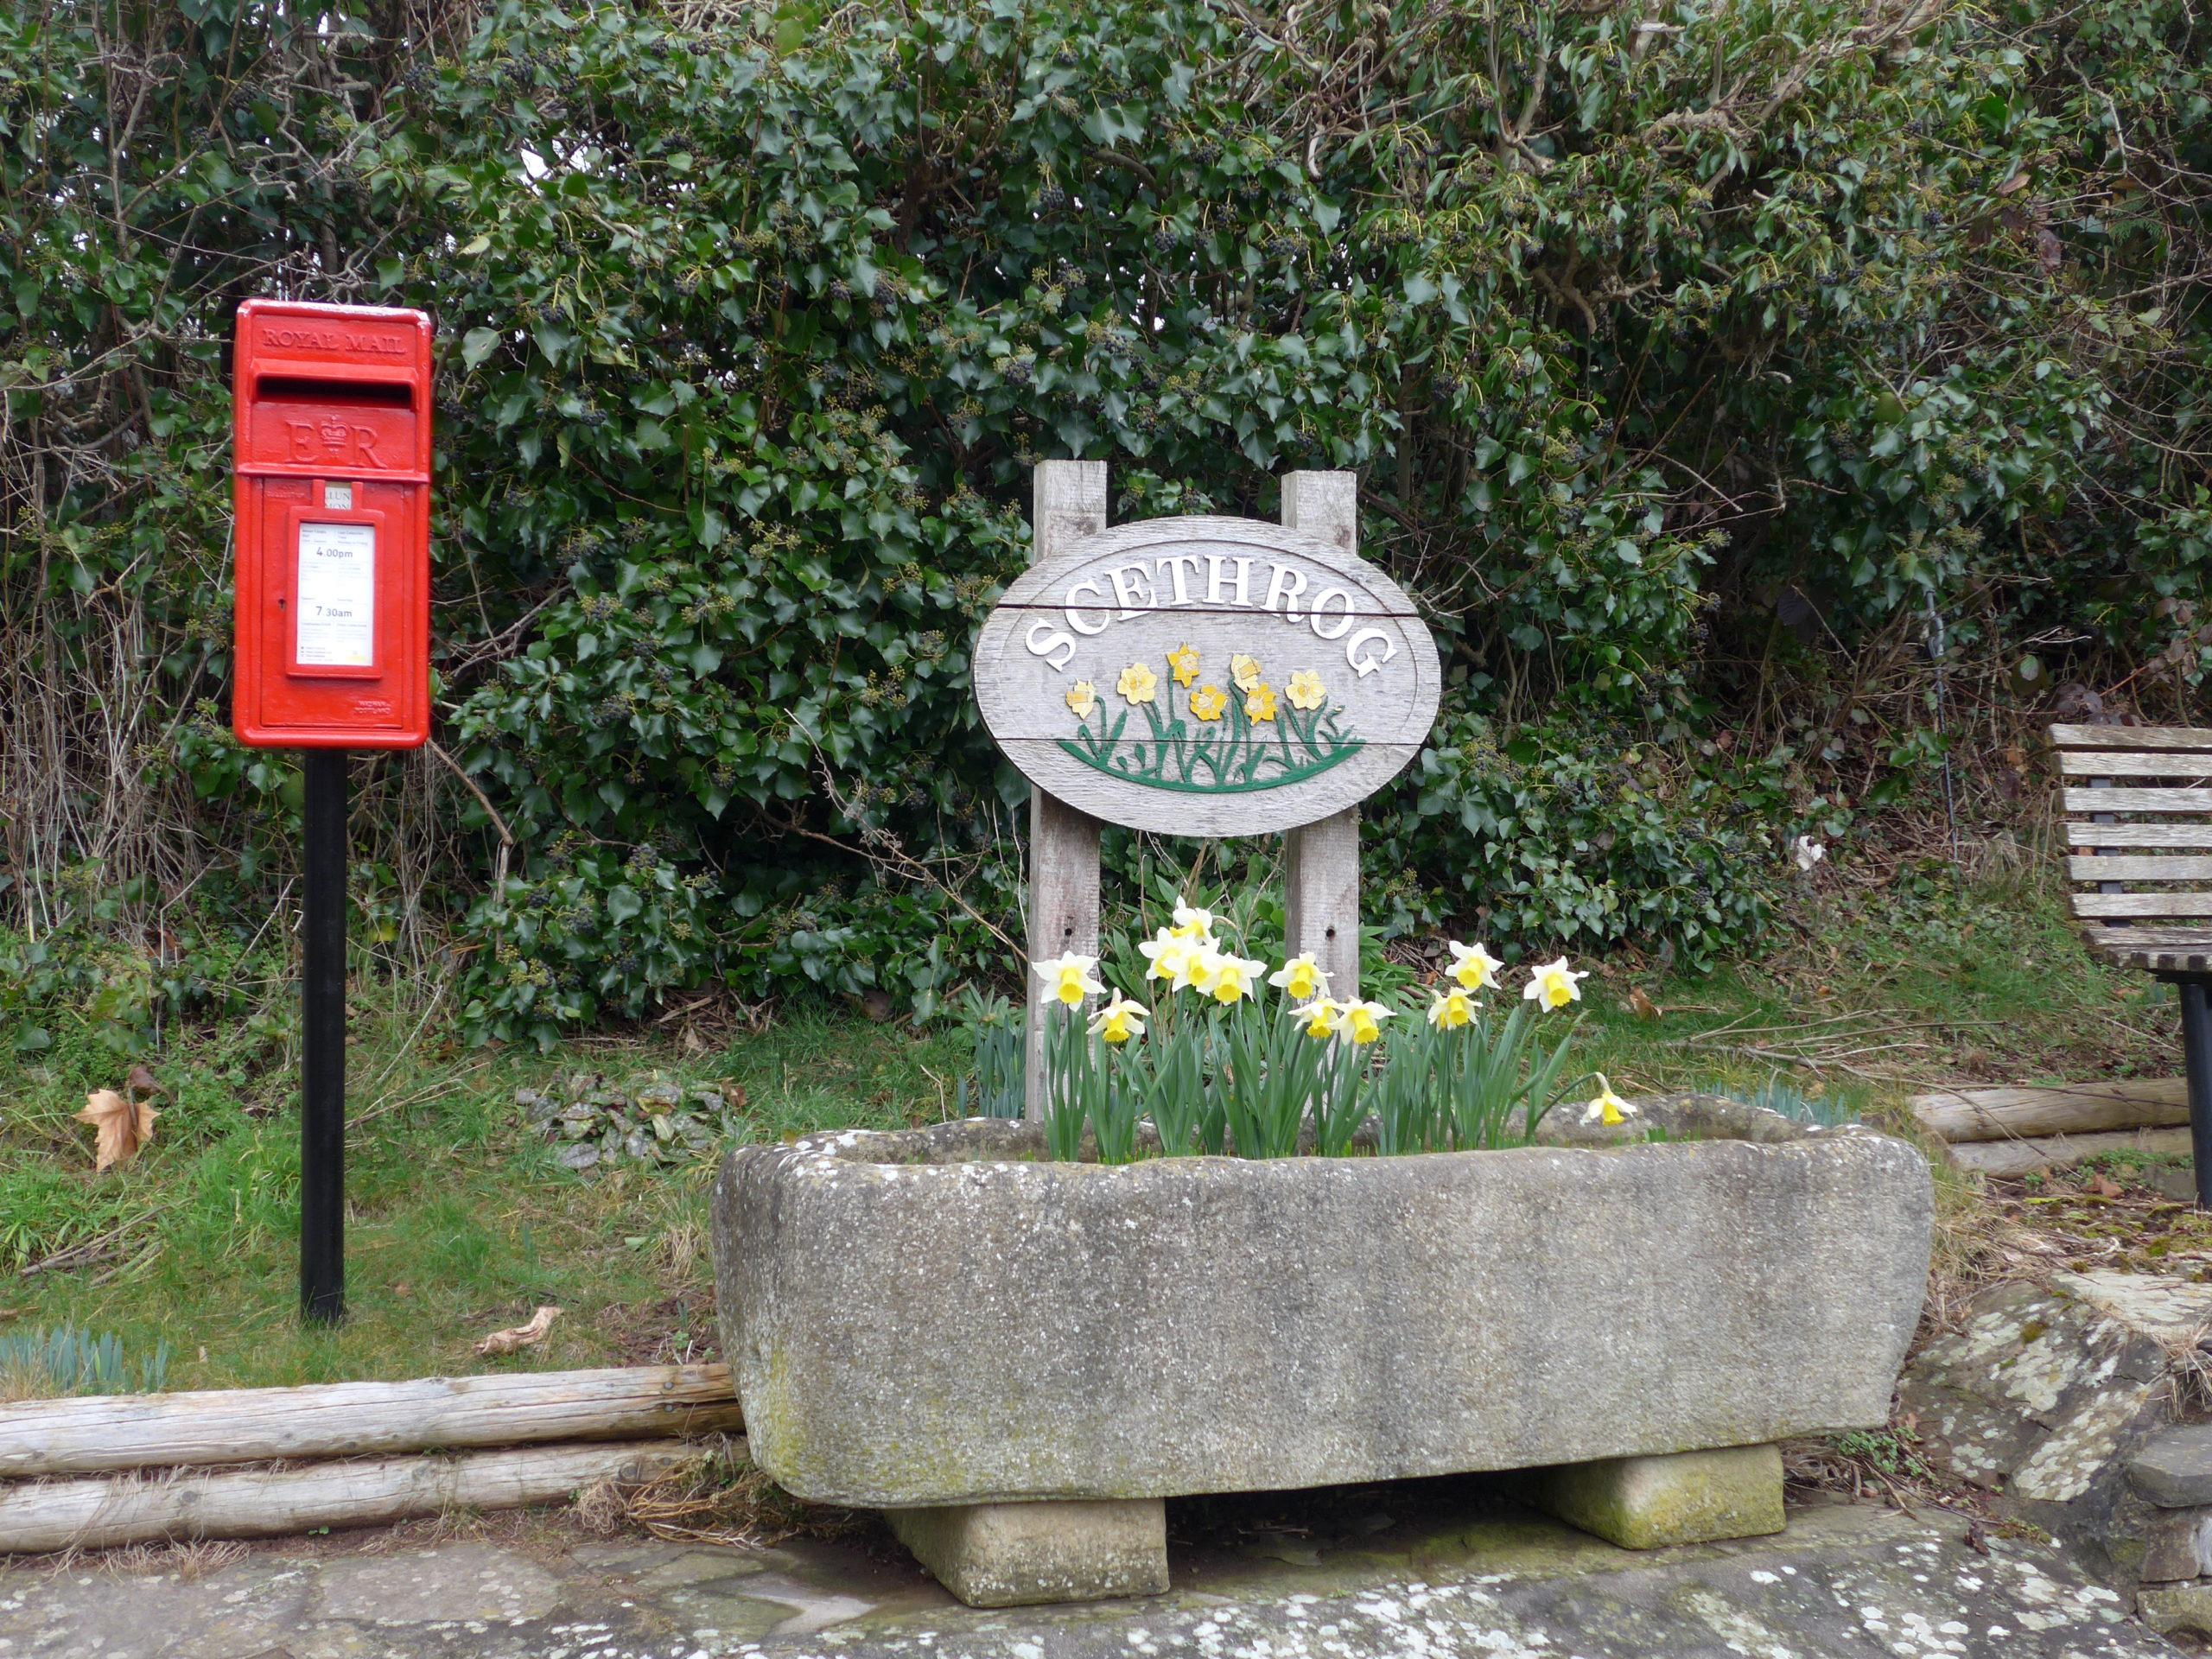 Screthrog village sign